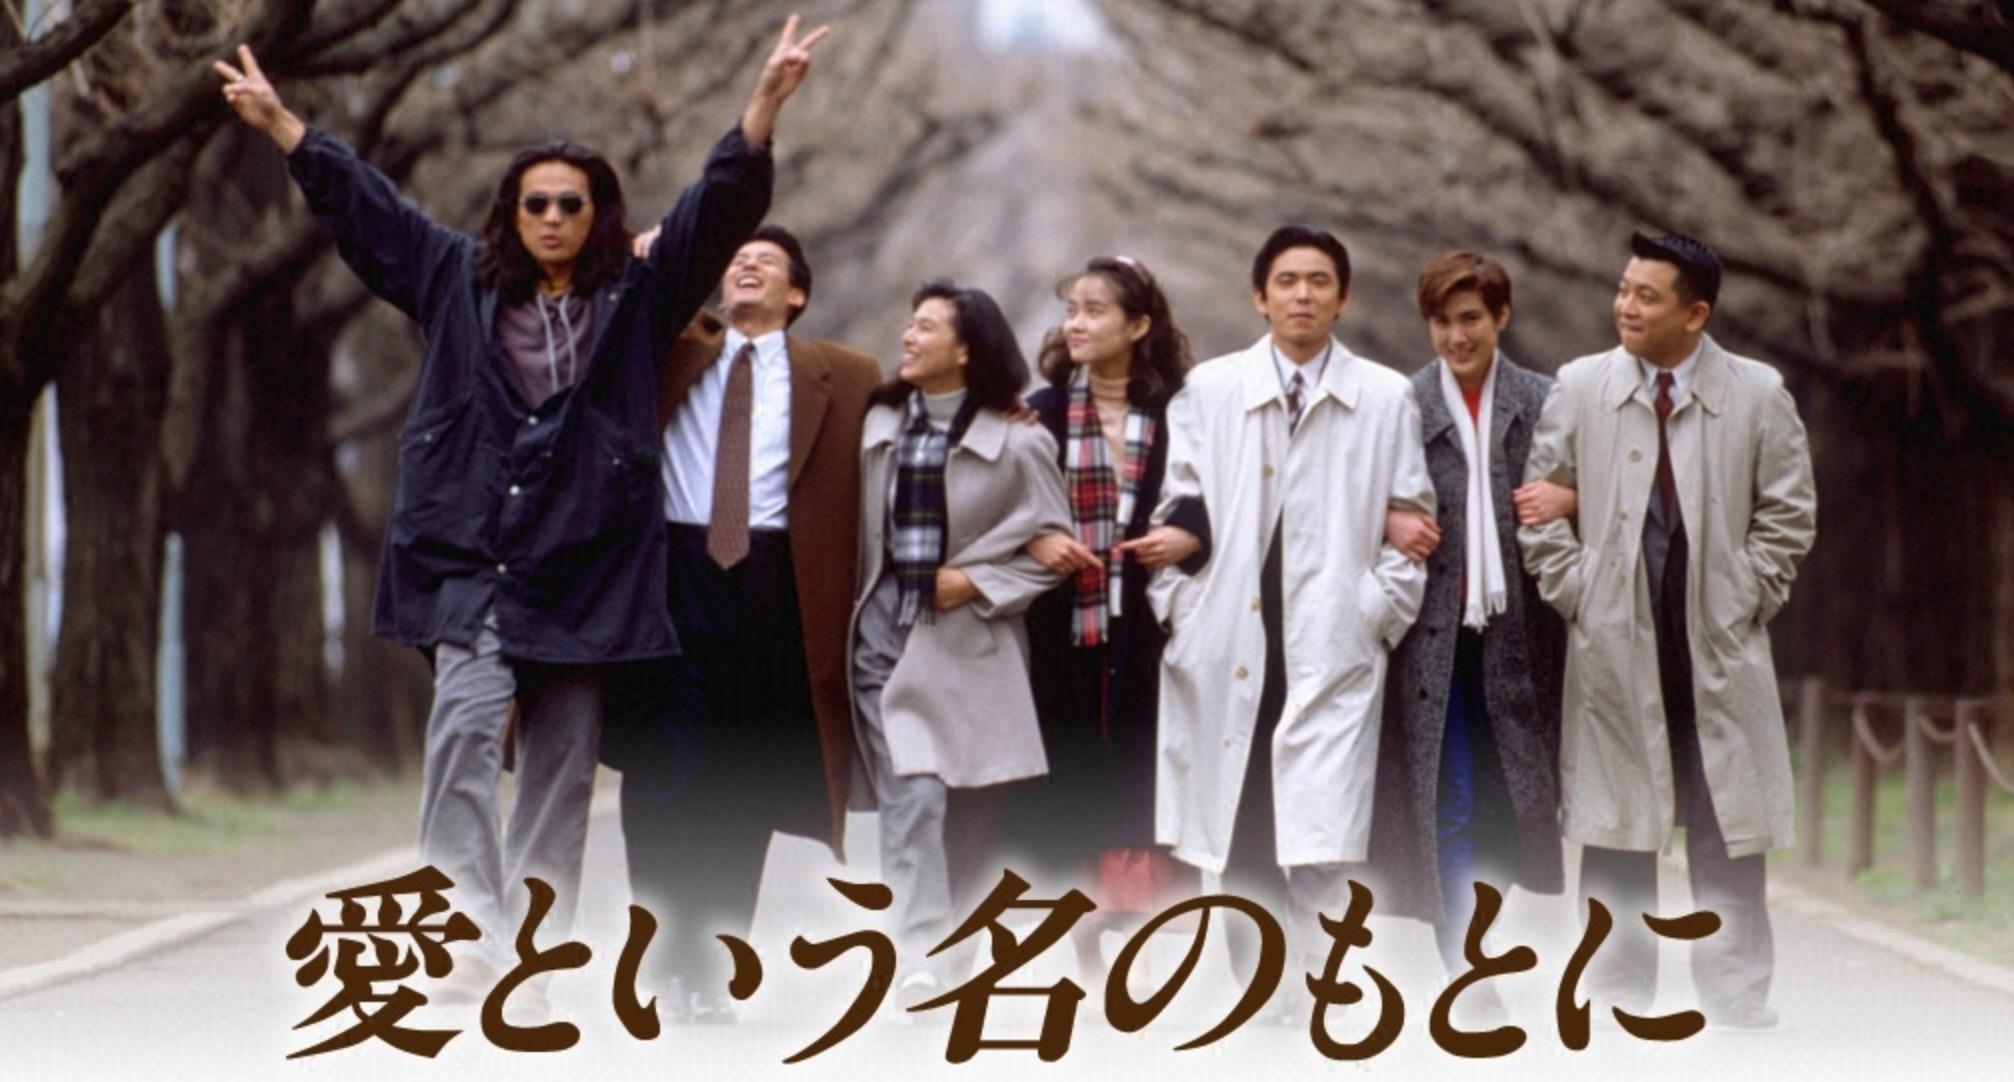 愛 という 名 の も と に チョロ 『愛という名のもとに』チョロ役・中野英雄が初めて語る、唐沢寿明と...